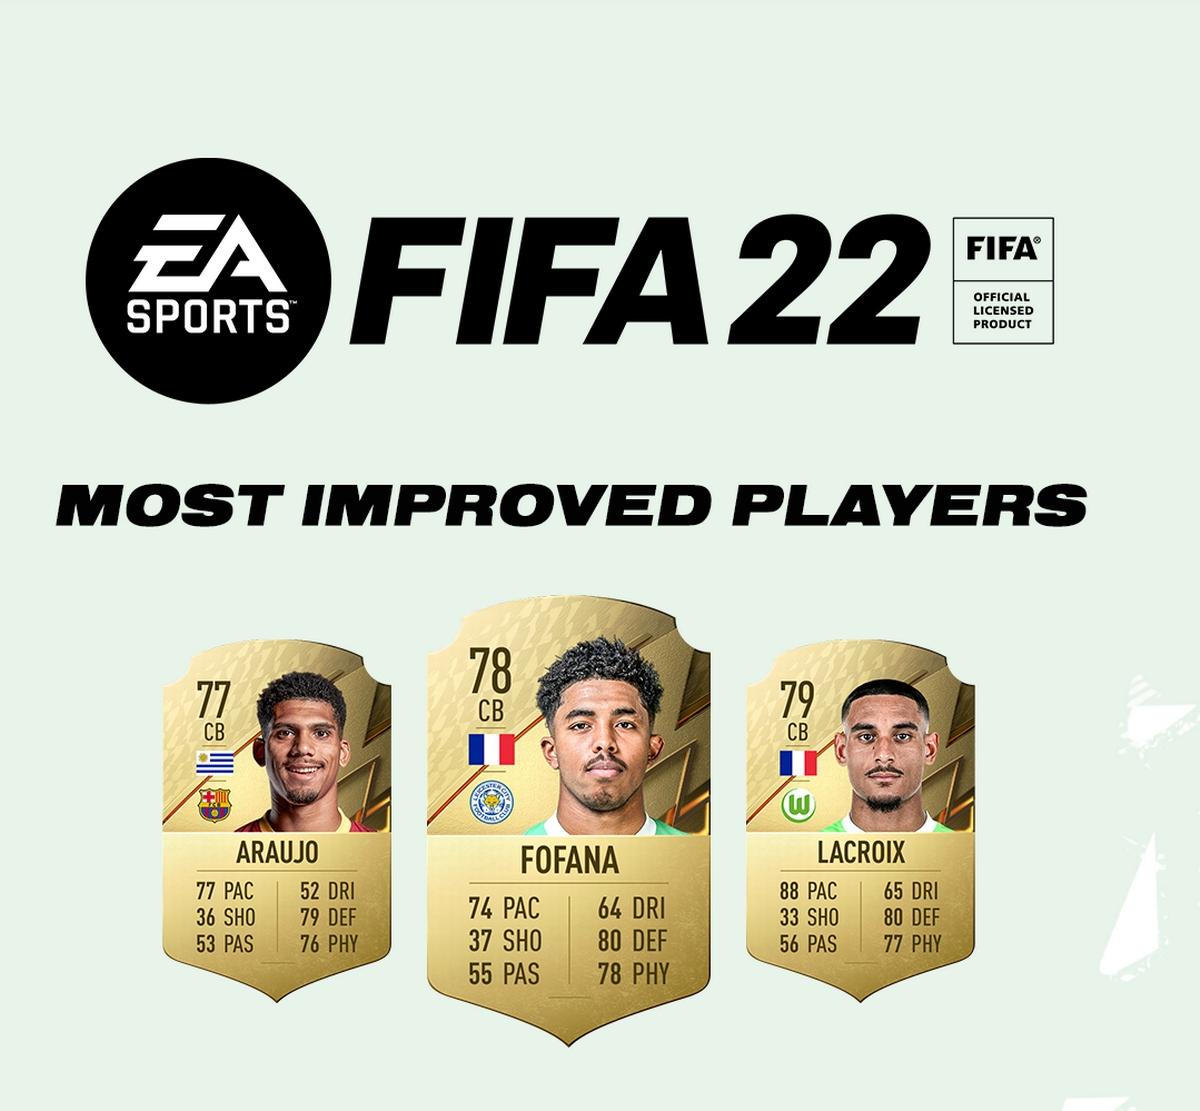 Top 10 cầu thủ có bước phát triển thần tốc giữa 2 phiên bản FIFA 21 và FIFA 22 gồm: